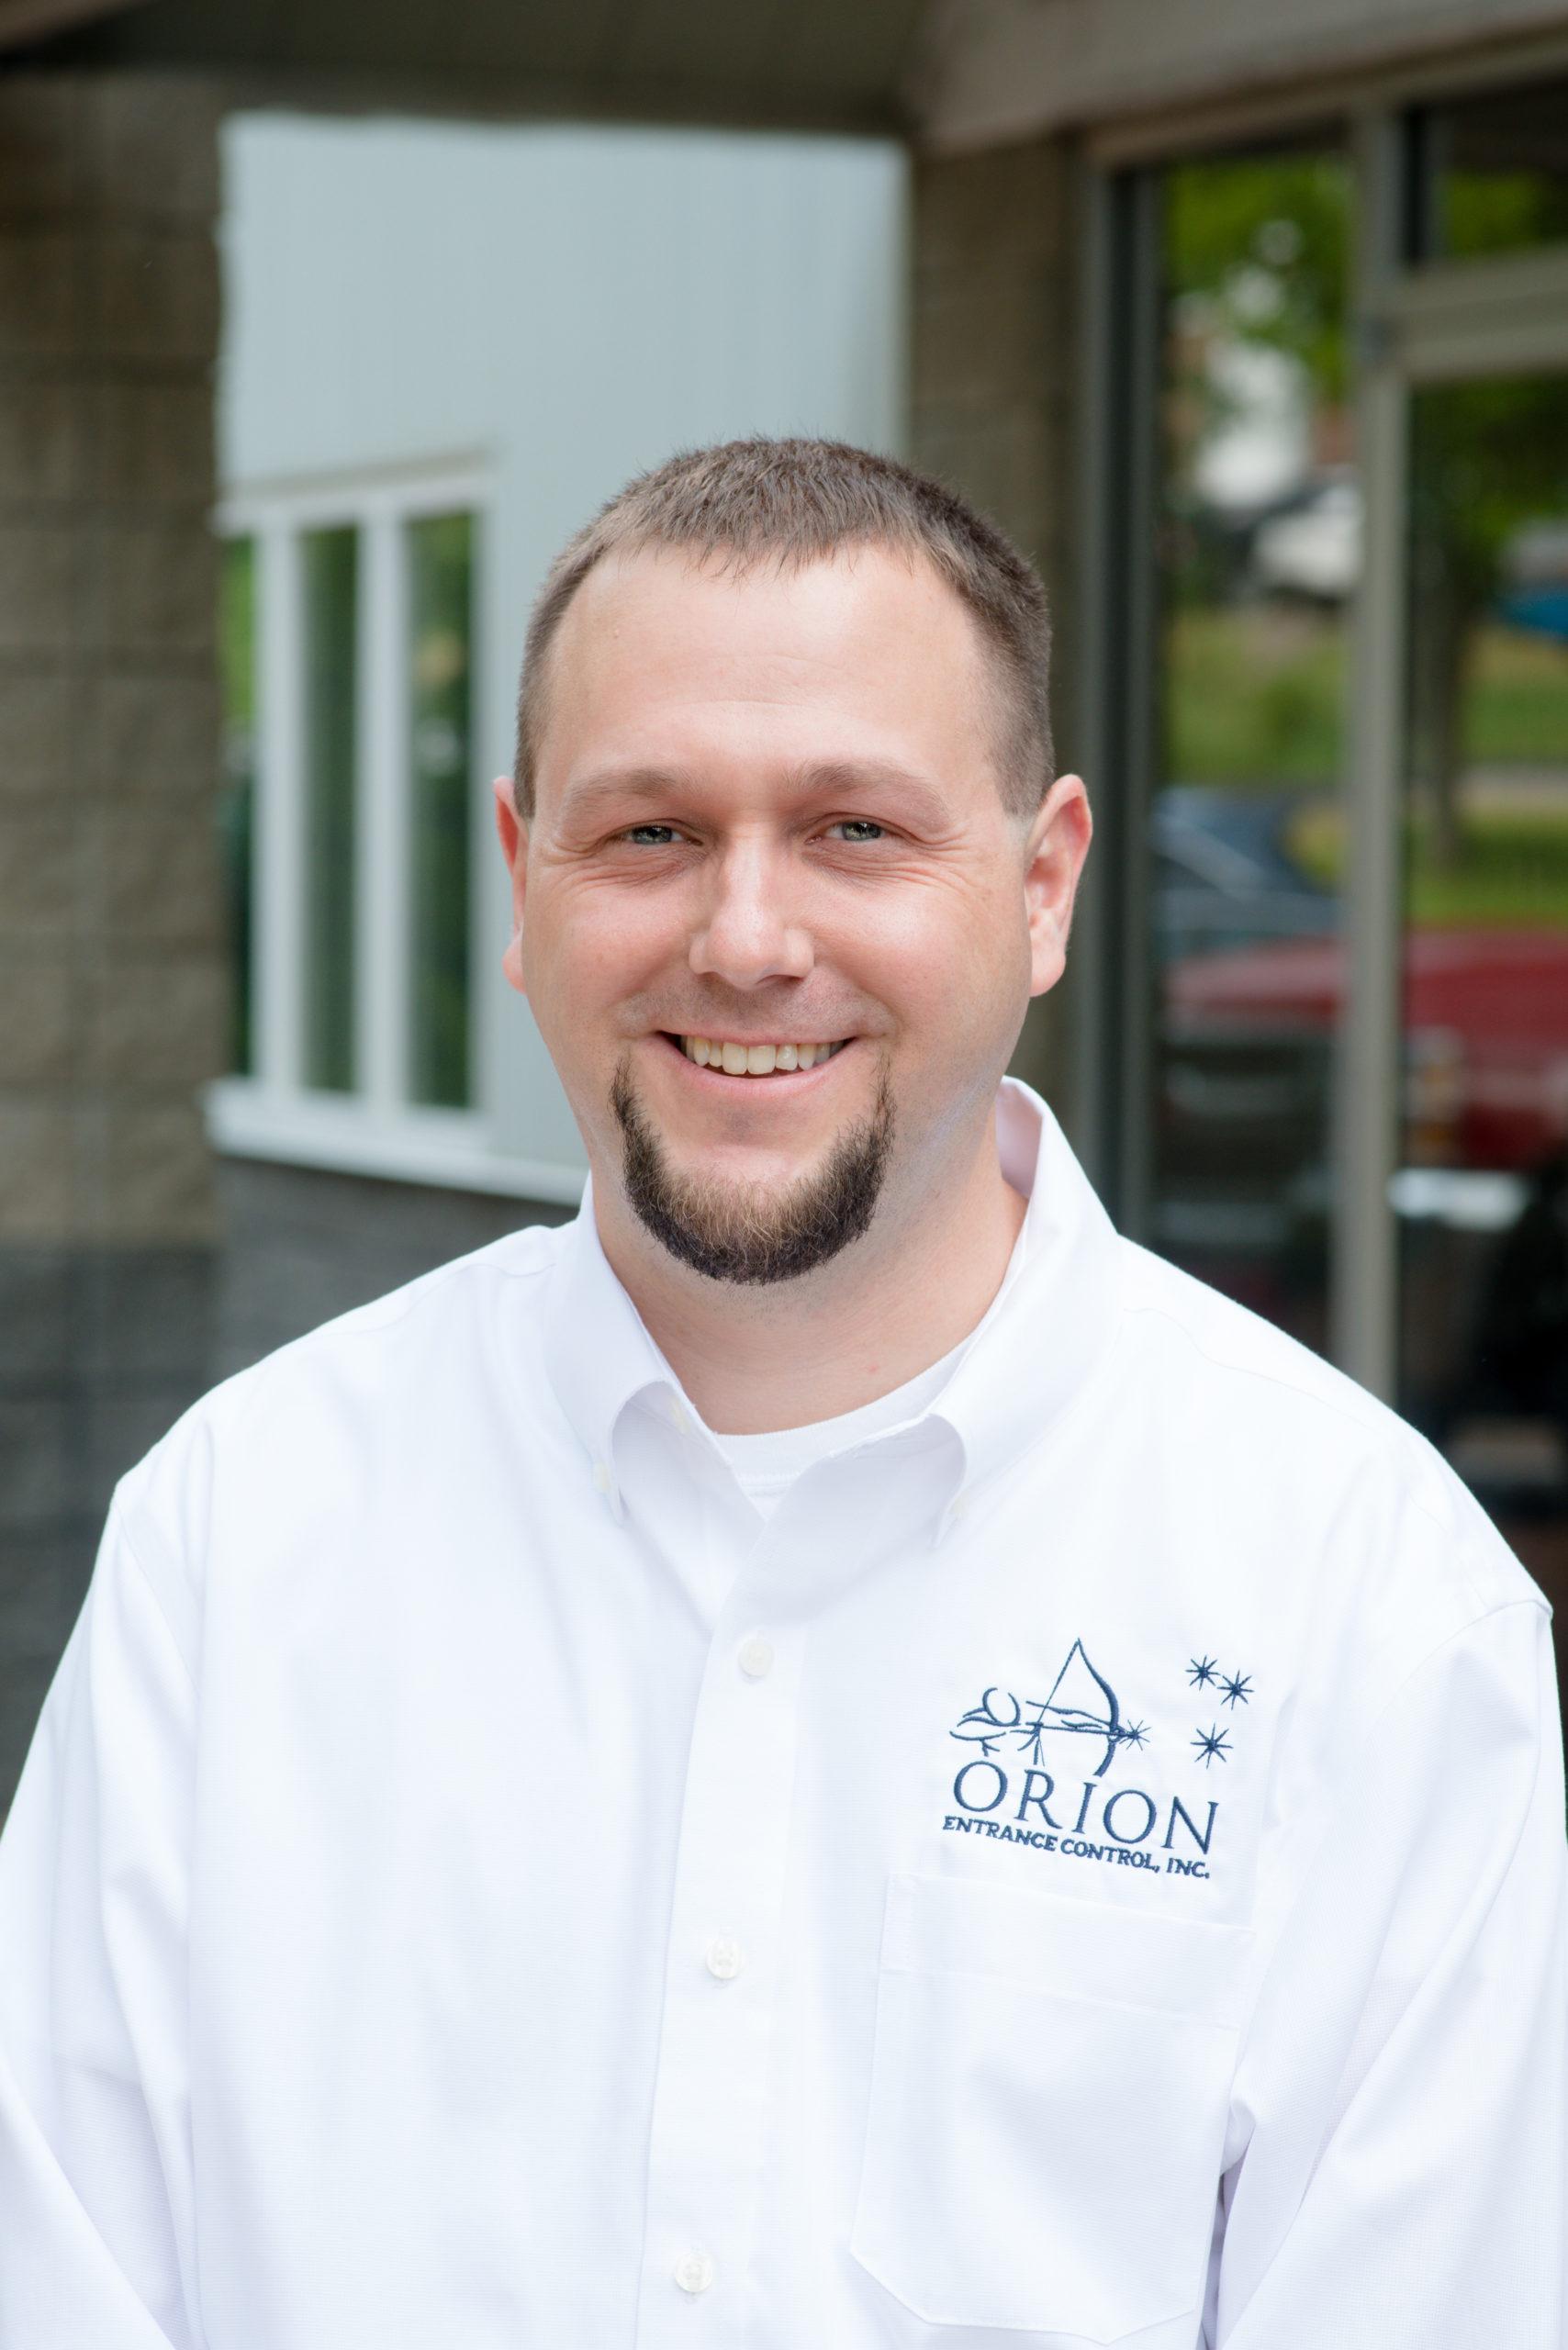 Ken Brace Orion ECI